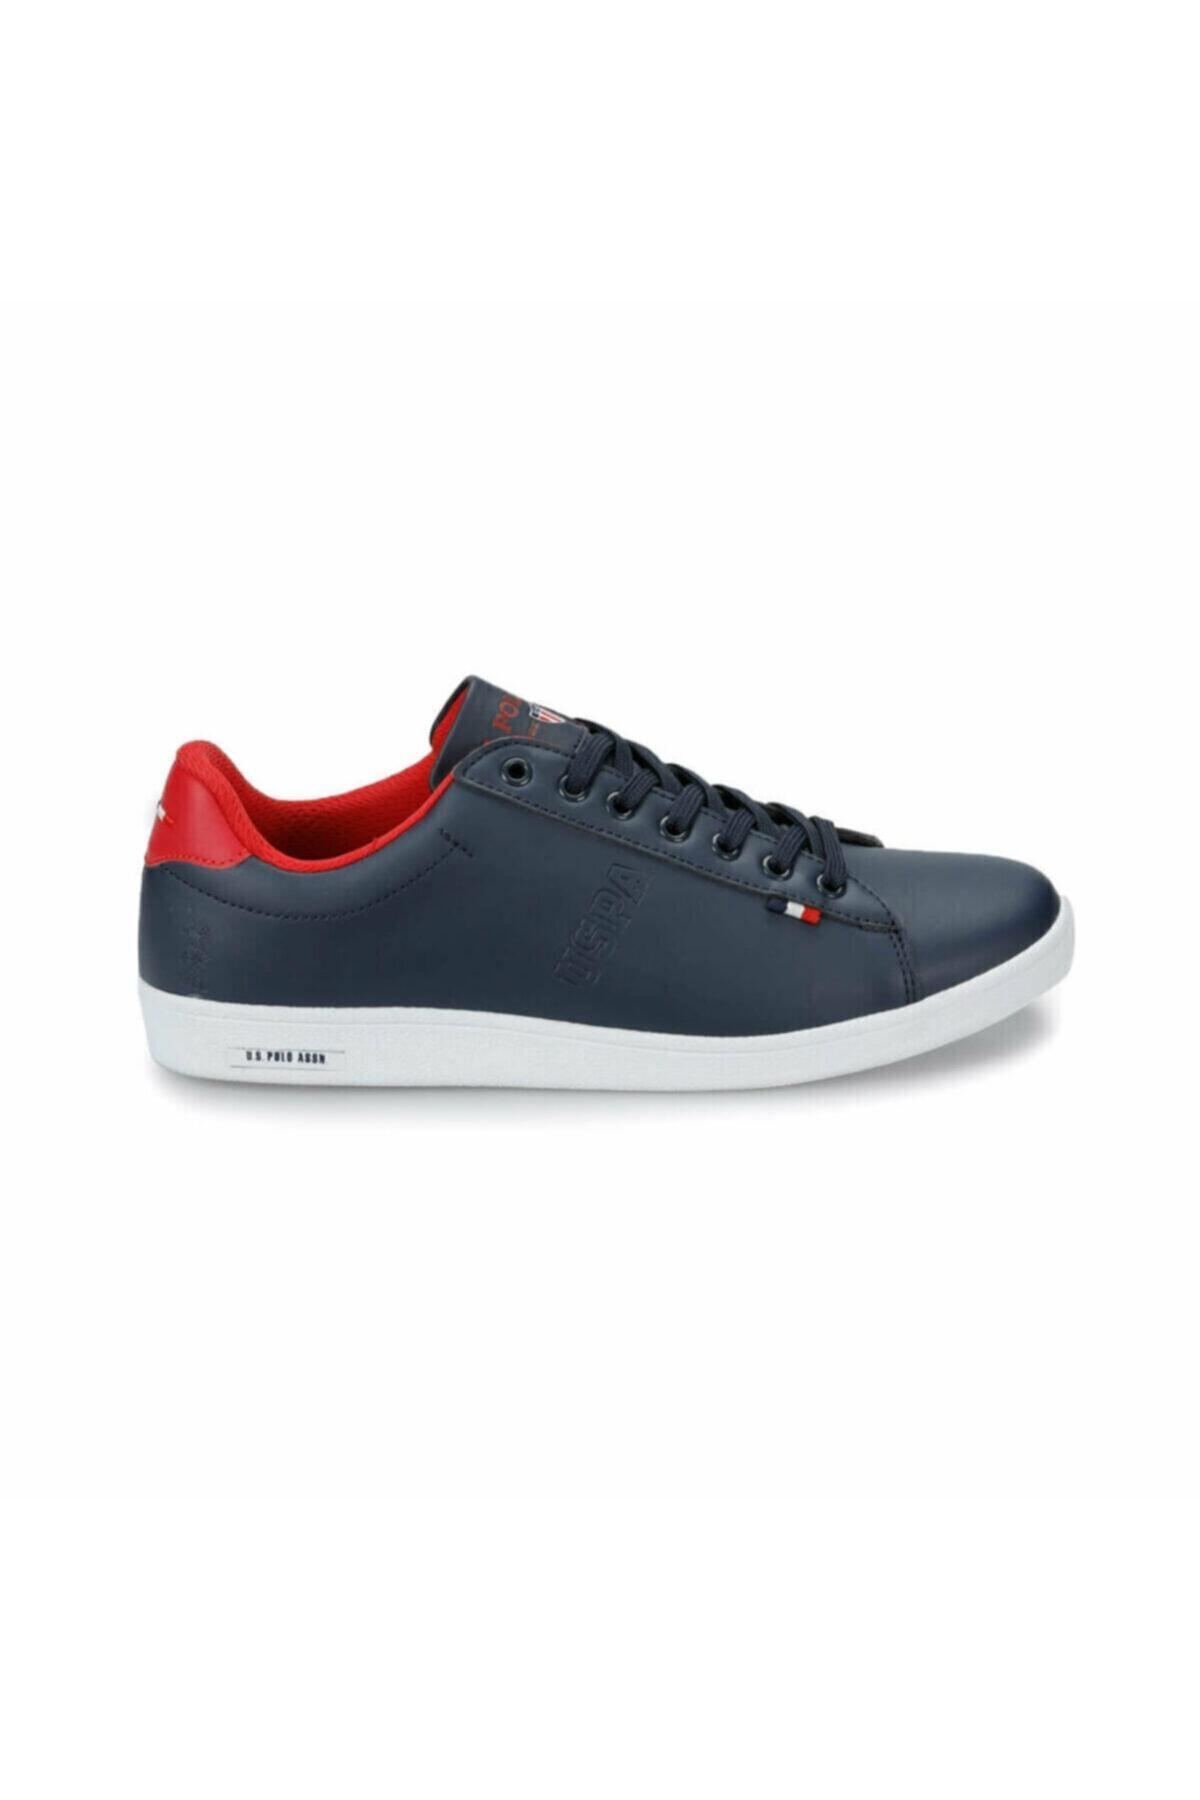 U.S. Polo Assn. FRANCO Lacivert Erkek Sneaker Ayakkabı 100249745 2